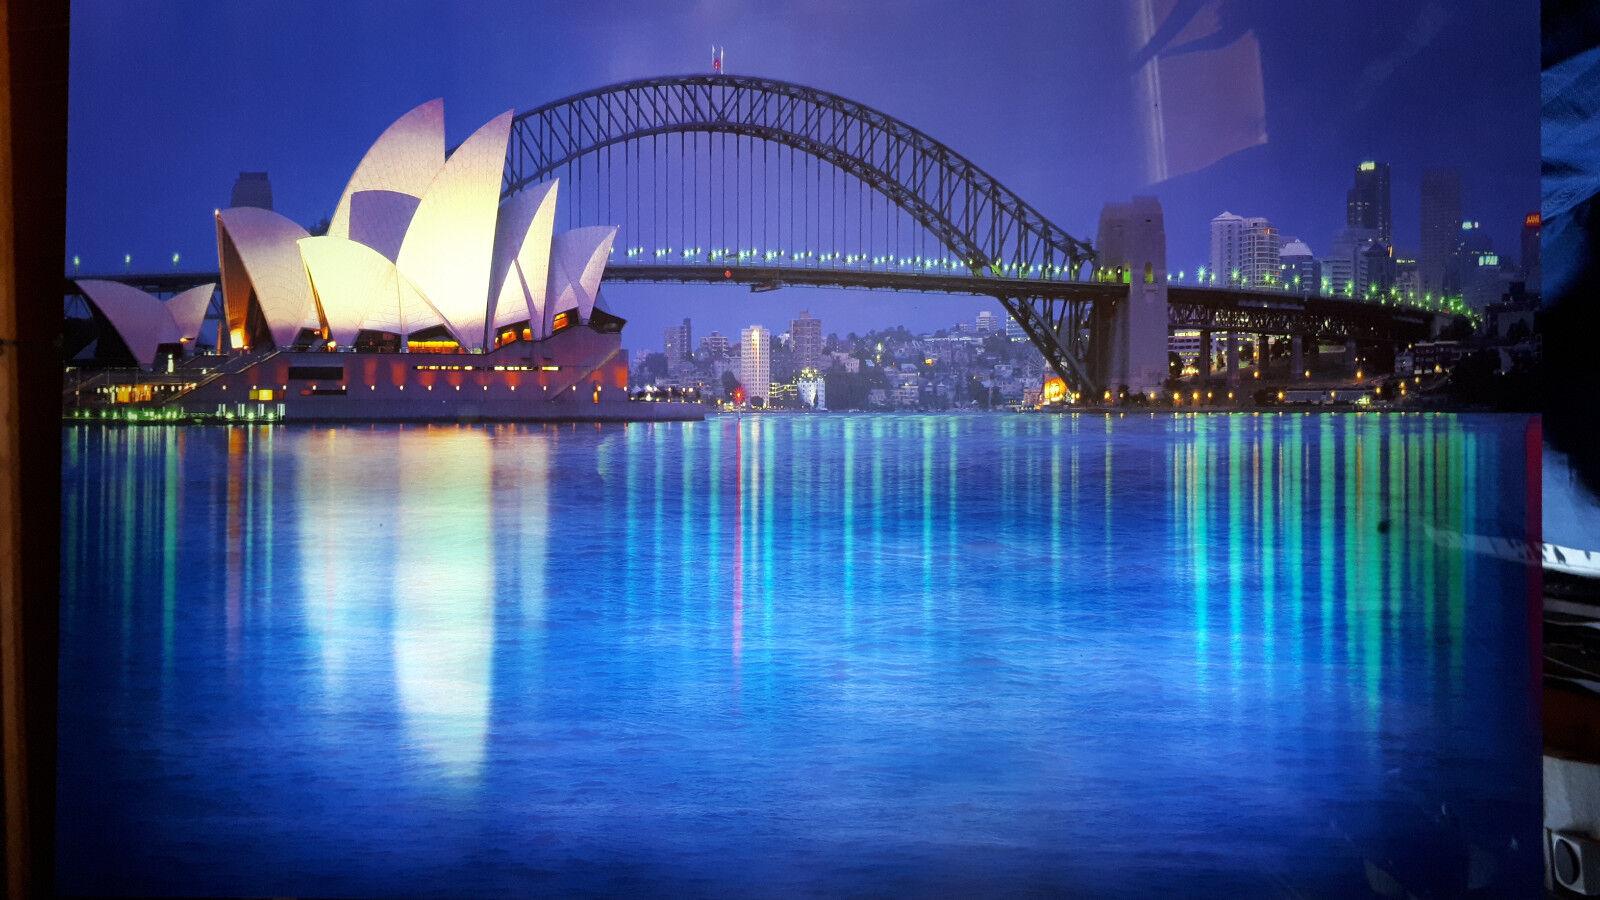 Opalescente éclairage verre la fresque fluorescents image poster Sydney Port Australie